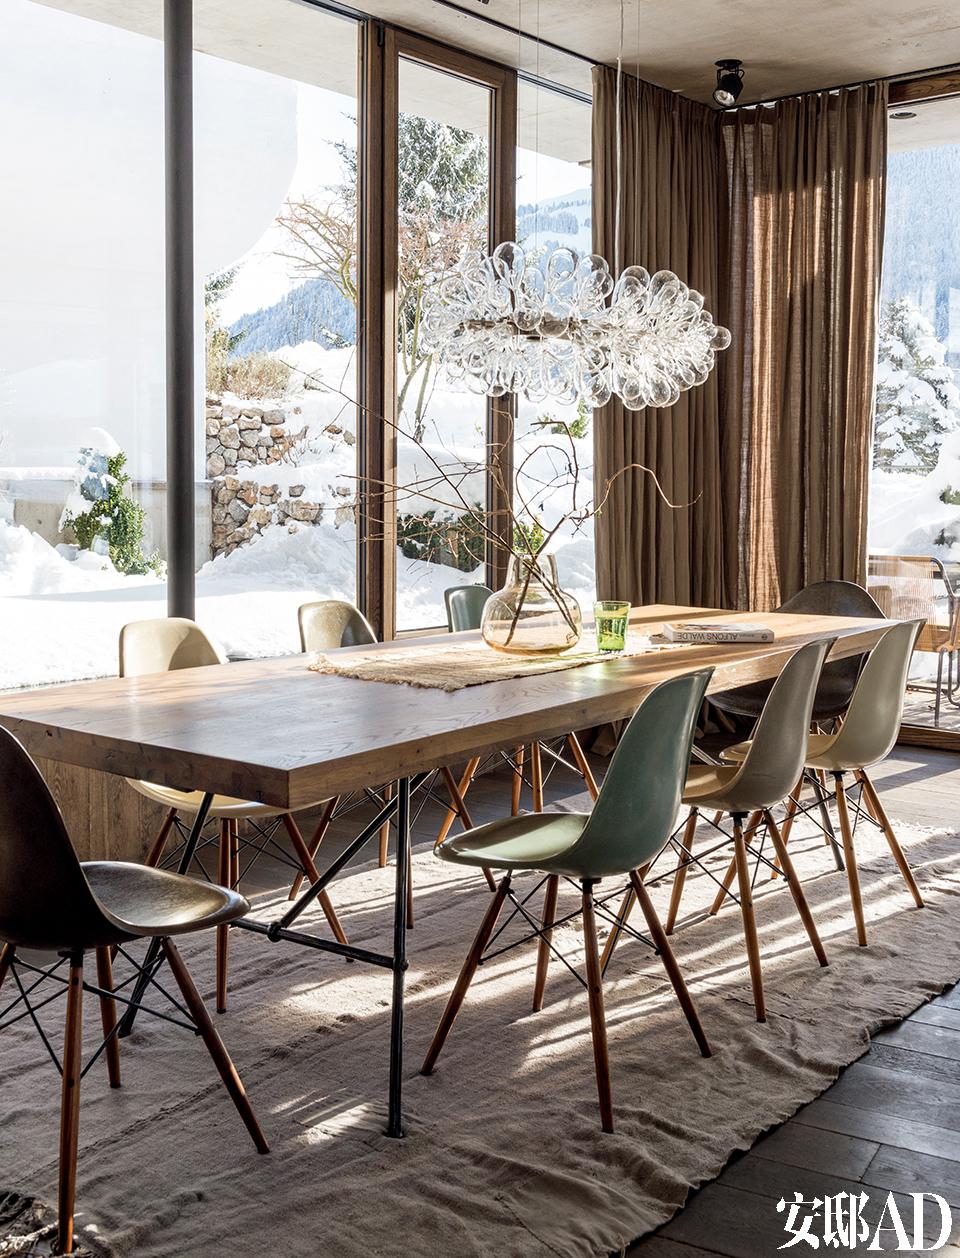 落地玻璃大窗,像是把整个家嵌入风景中,完全没有辜负窗外的无敌雪景 !餐厅的家具和布置是由Monika Gogl工作室的Gogl Architekten设计而成的,由当地木匠Tischlerei Hofer 配合完成。